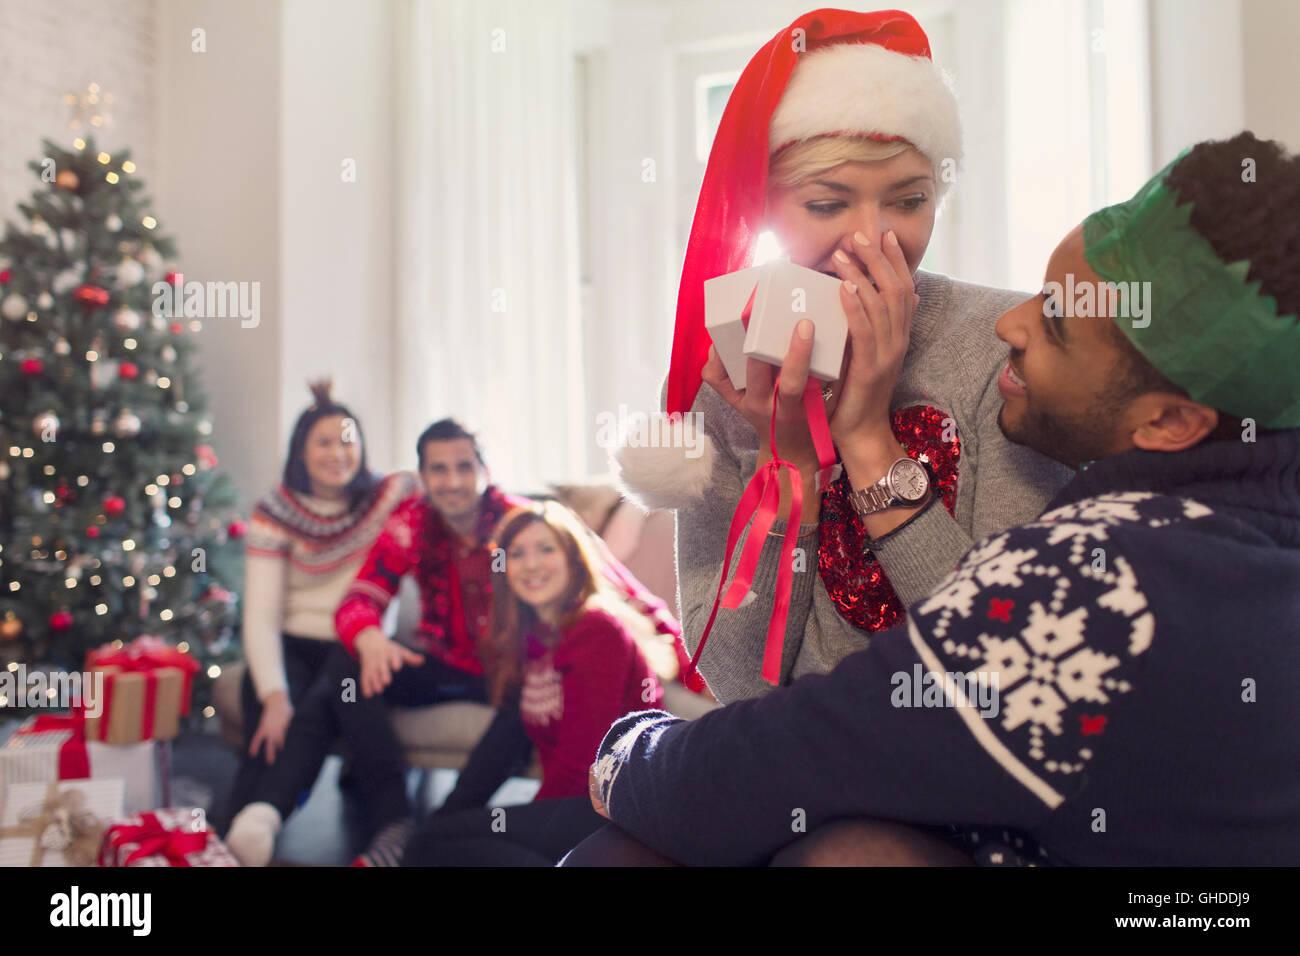 Überrascht Freundin öffnen Weihnachtsgeschenk von Freund Stockfoto ...